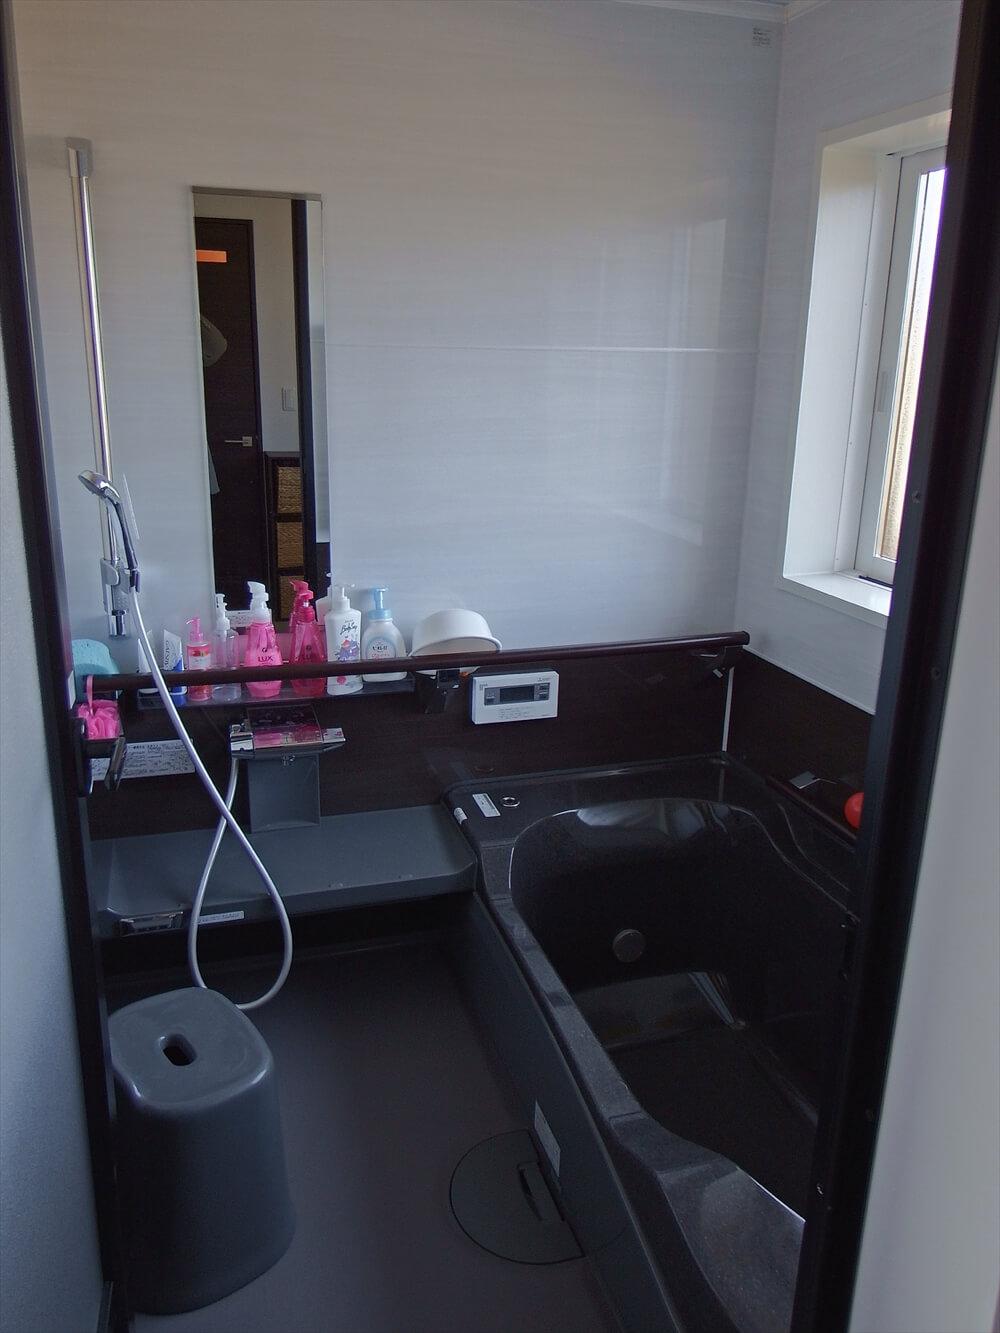 クロスが特徴的なリゾートテイスト平屋のバスルーム|行方市の注文住宅,ログハウスのような低価格住宅を建てるならエイ・ワン